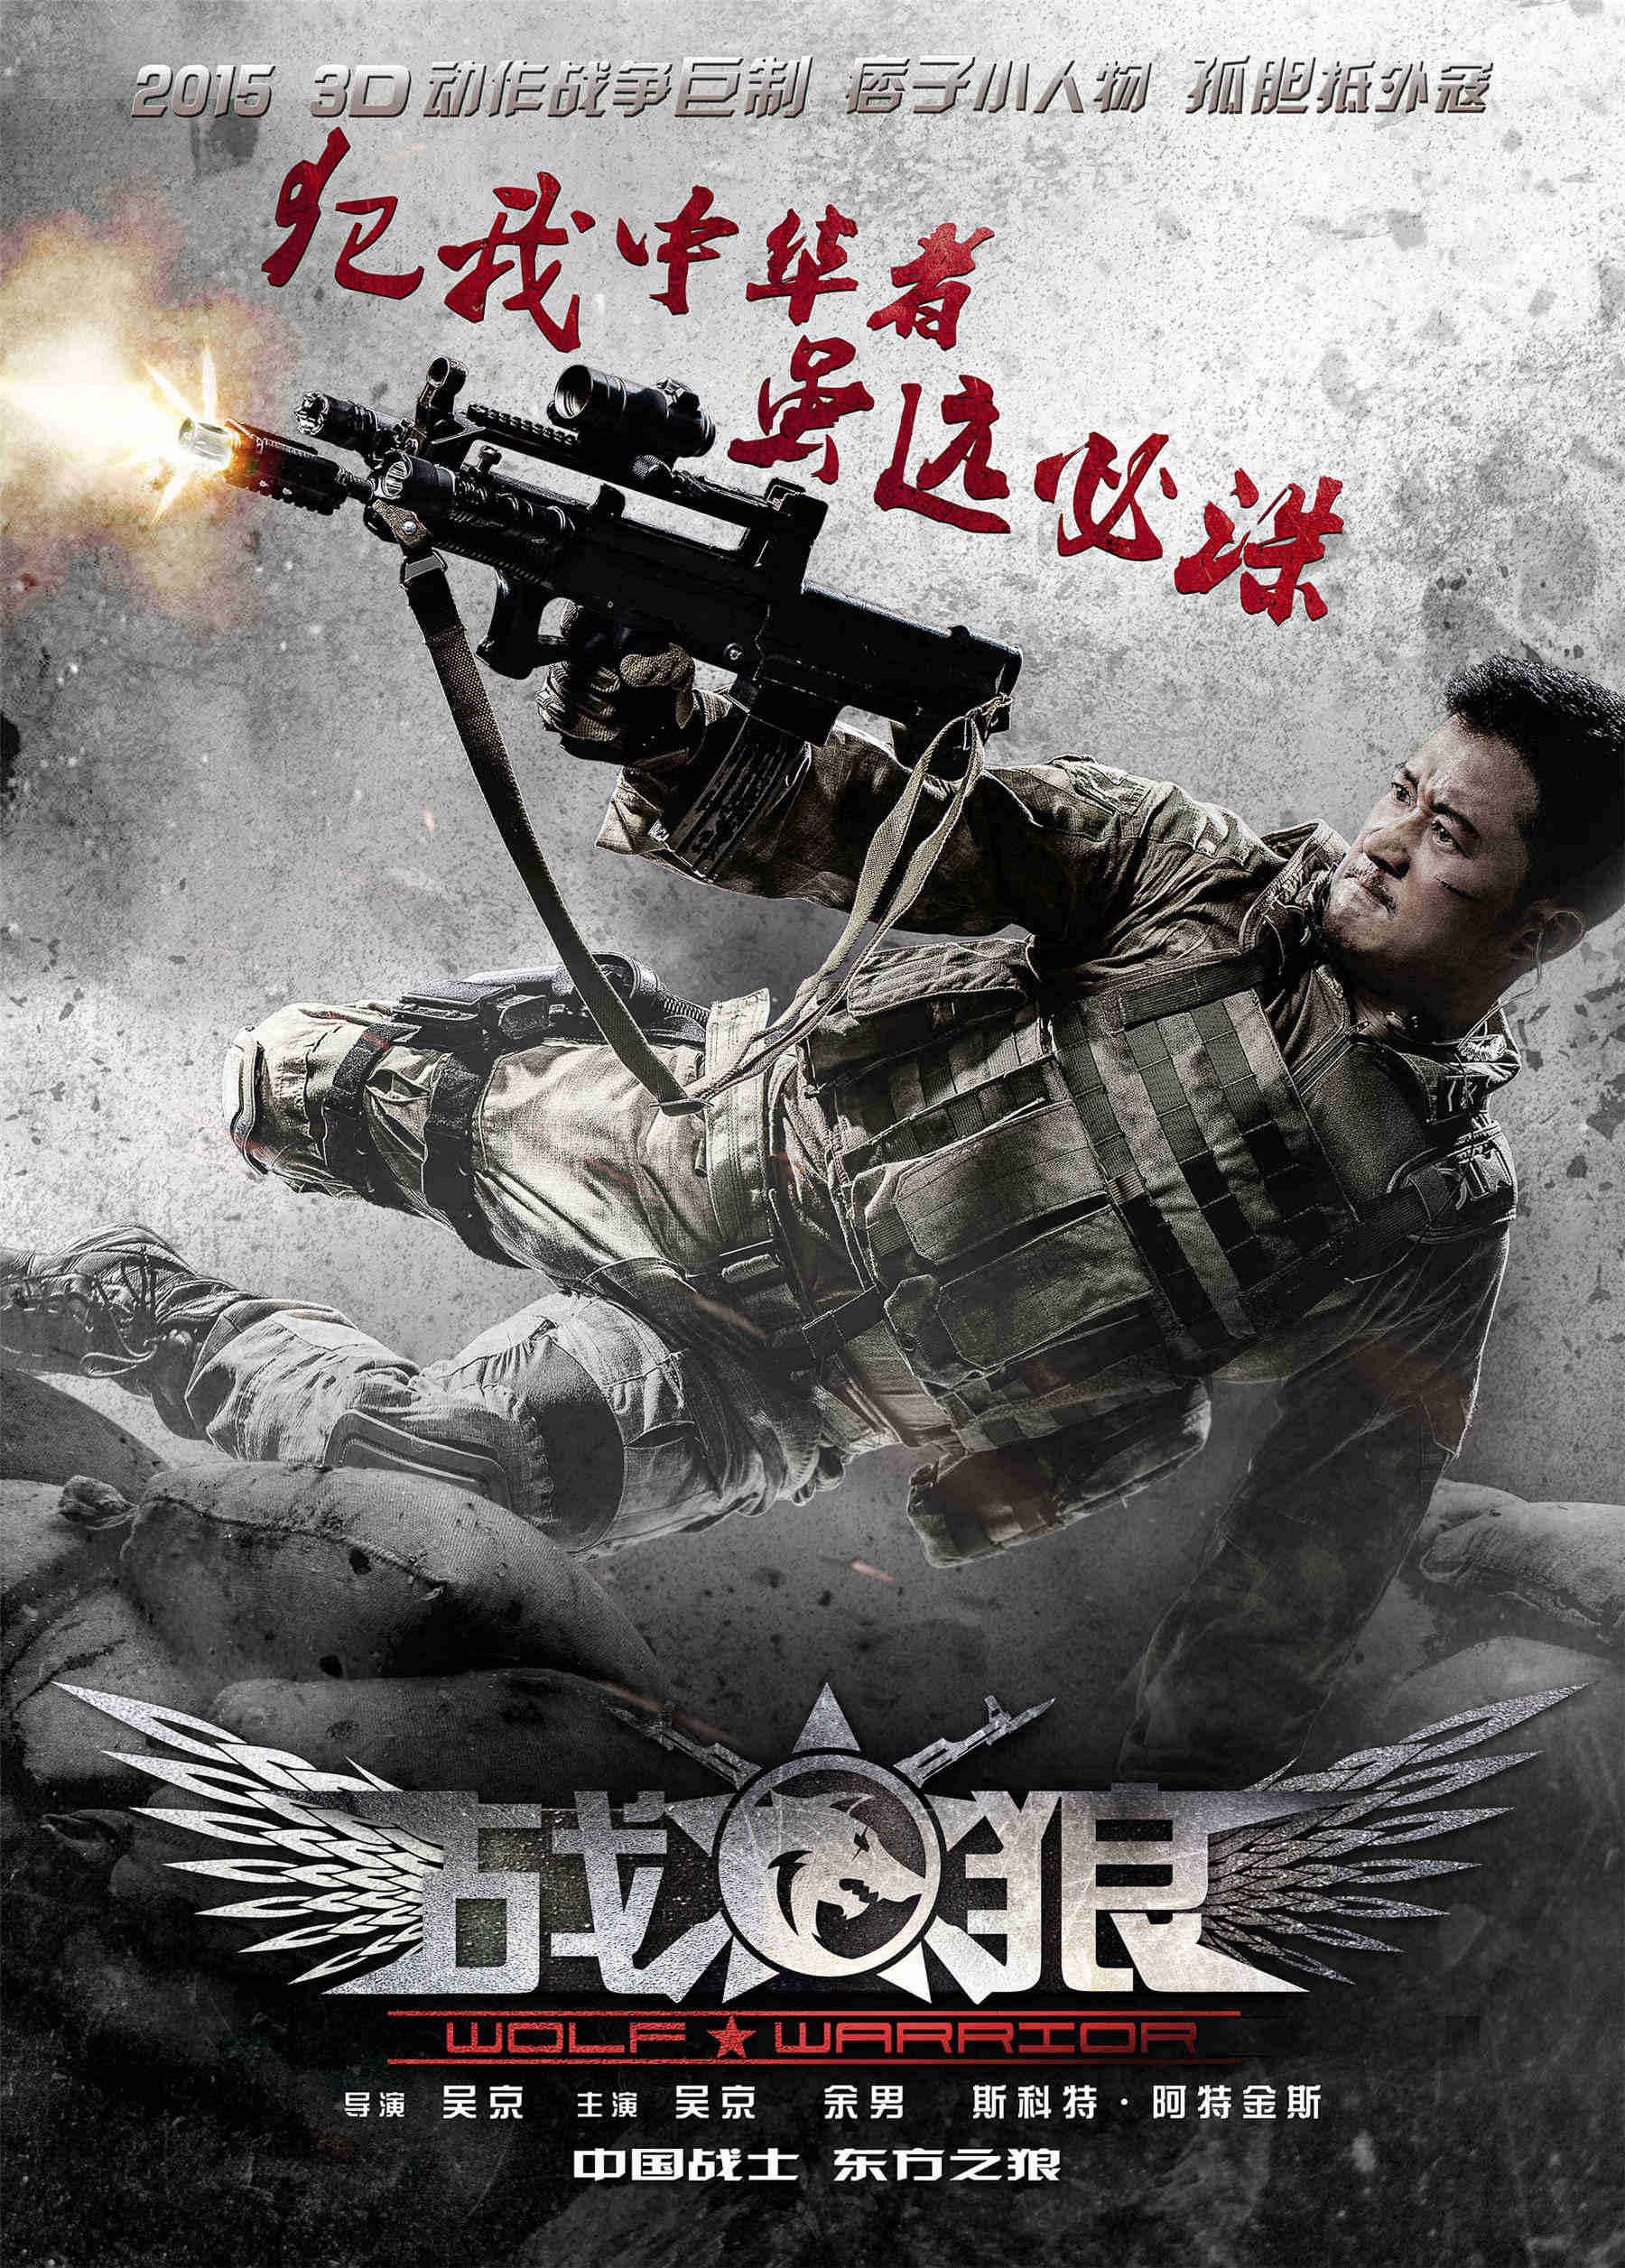 2015年春节档上映.今日,《战狼》怒吼而来,曝光了斗魂版海报